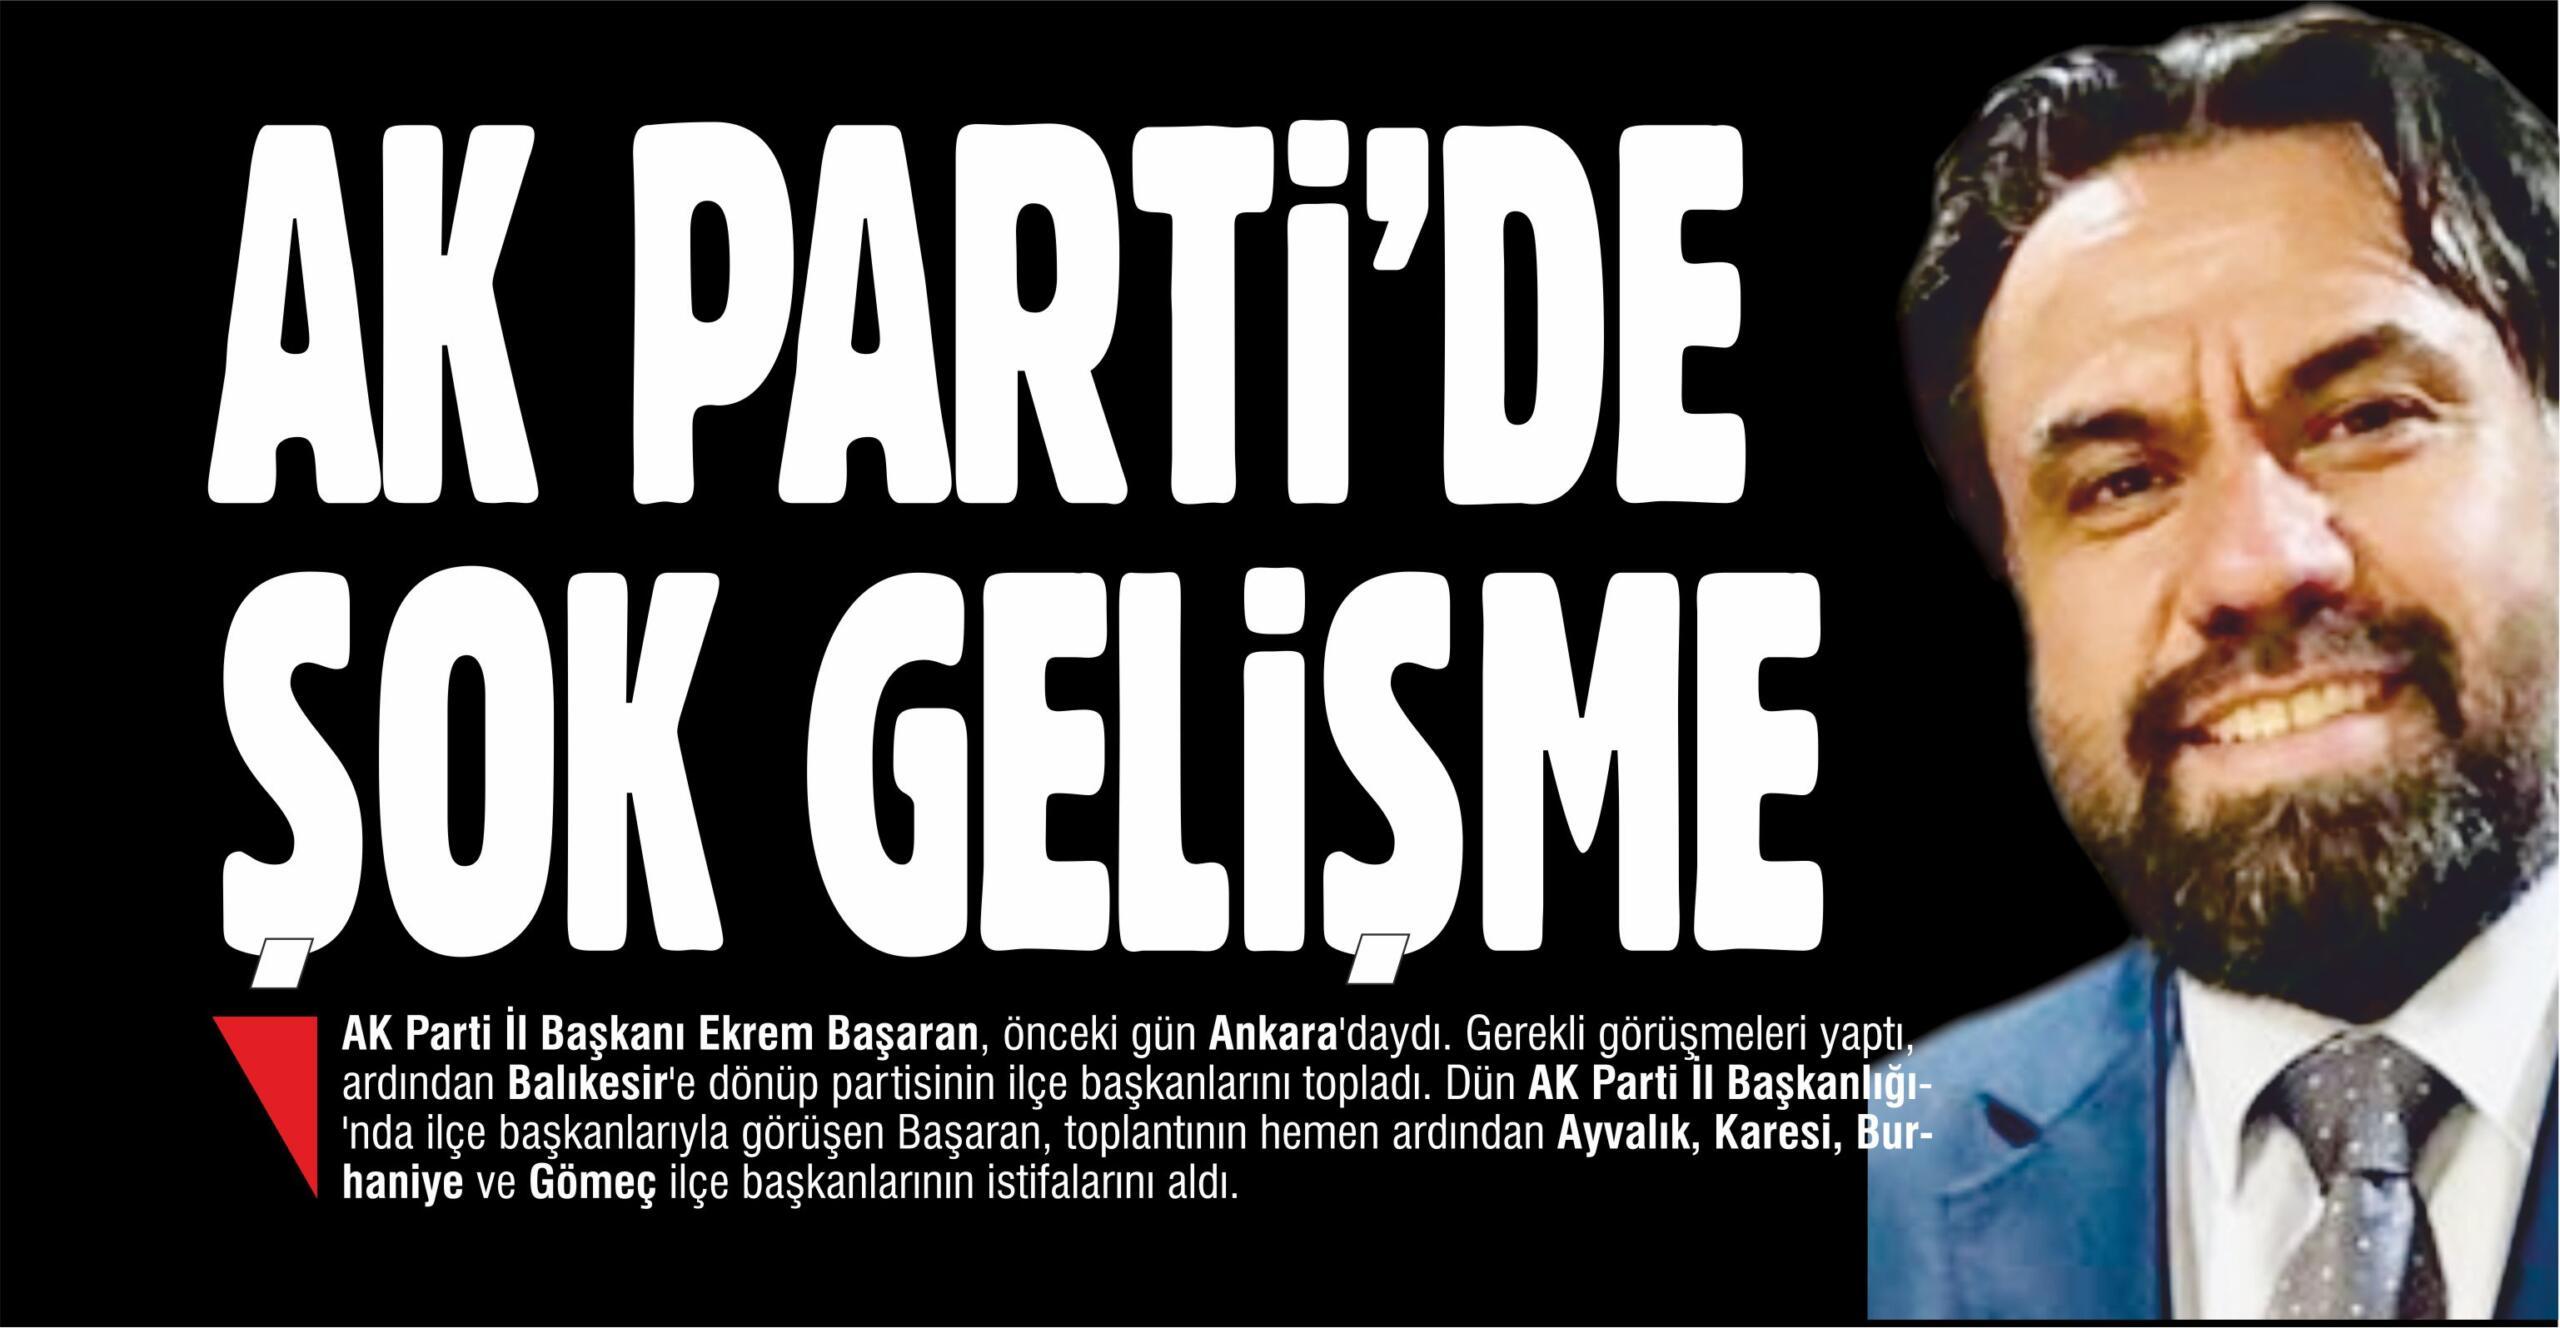 AK PARTİ'DE ŞOK GELİŞME